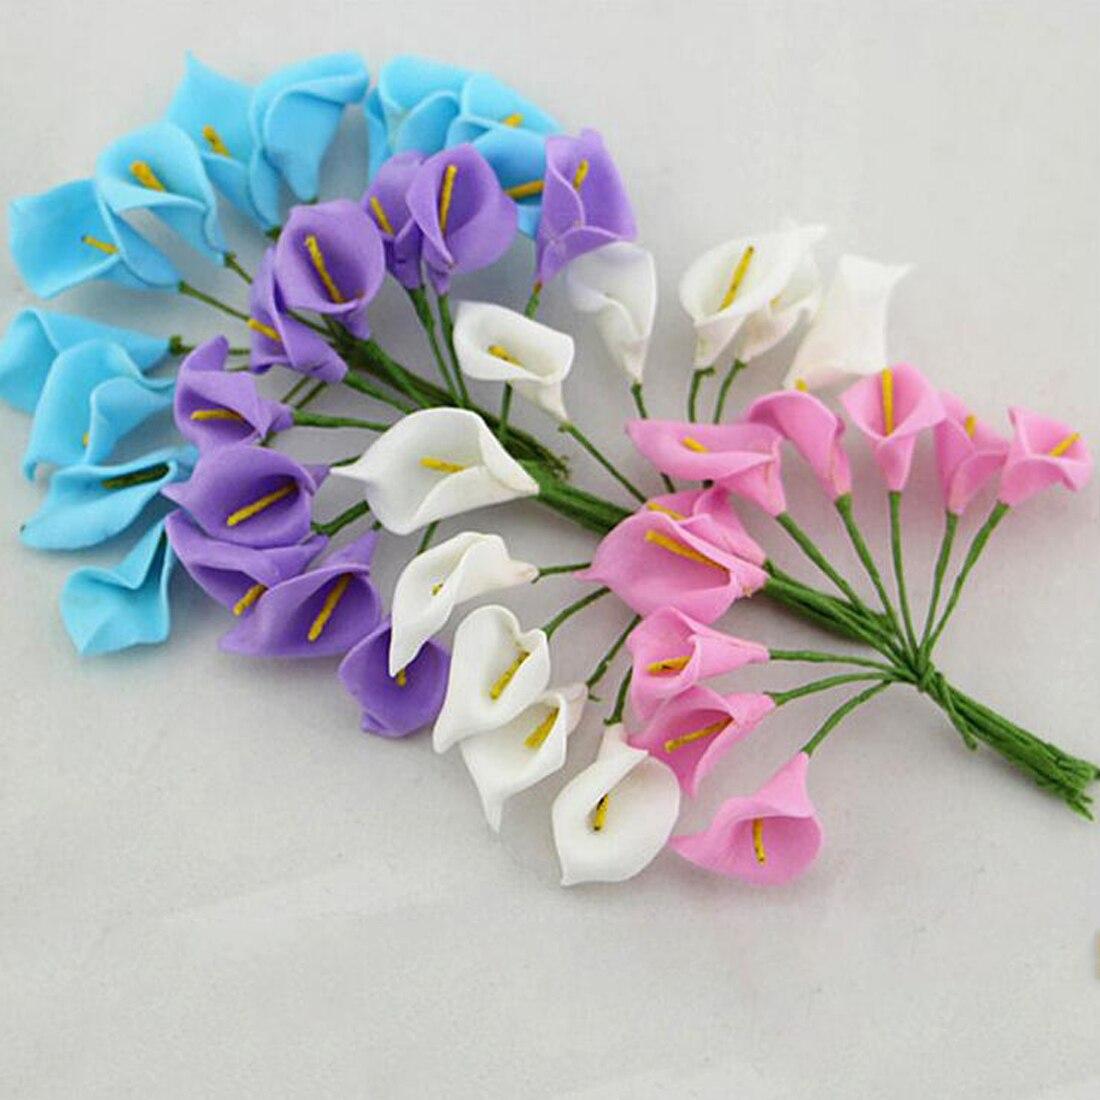 12 шт. красивые ручной работы искусственные шелковые цветы маленький букет вечерние праздник Весна Свадебные украшения mariage поддельные